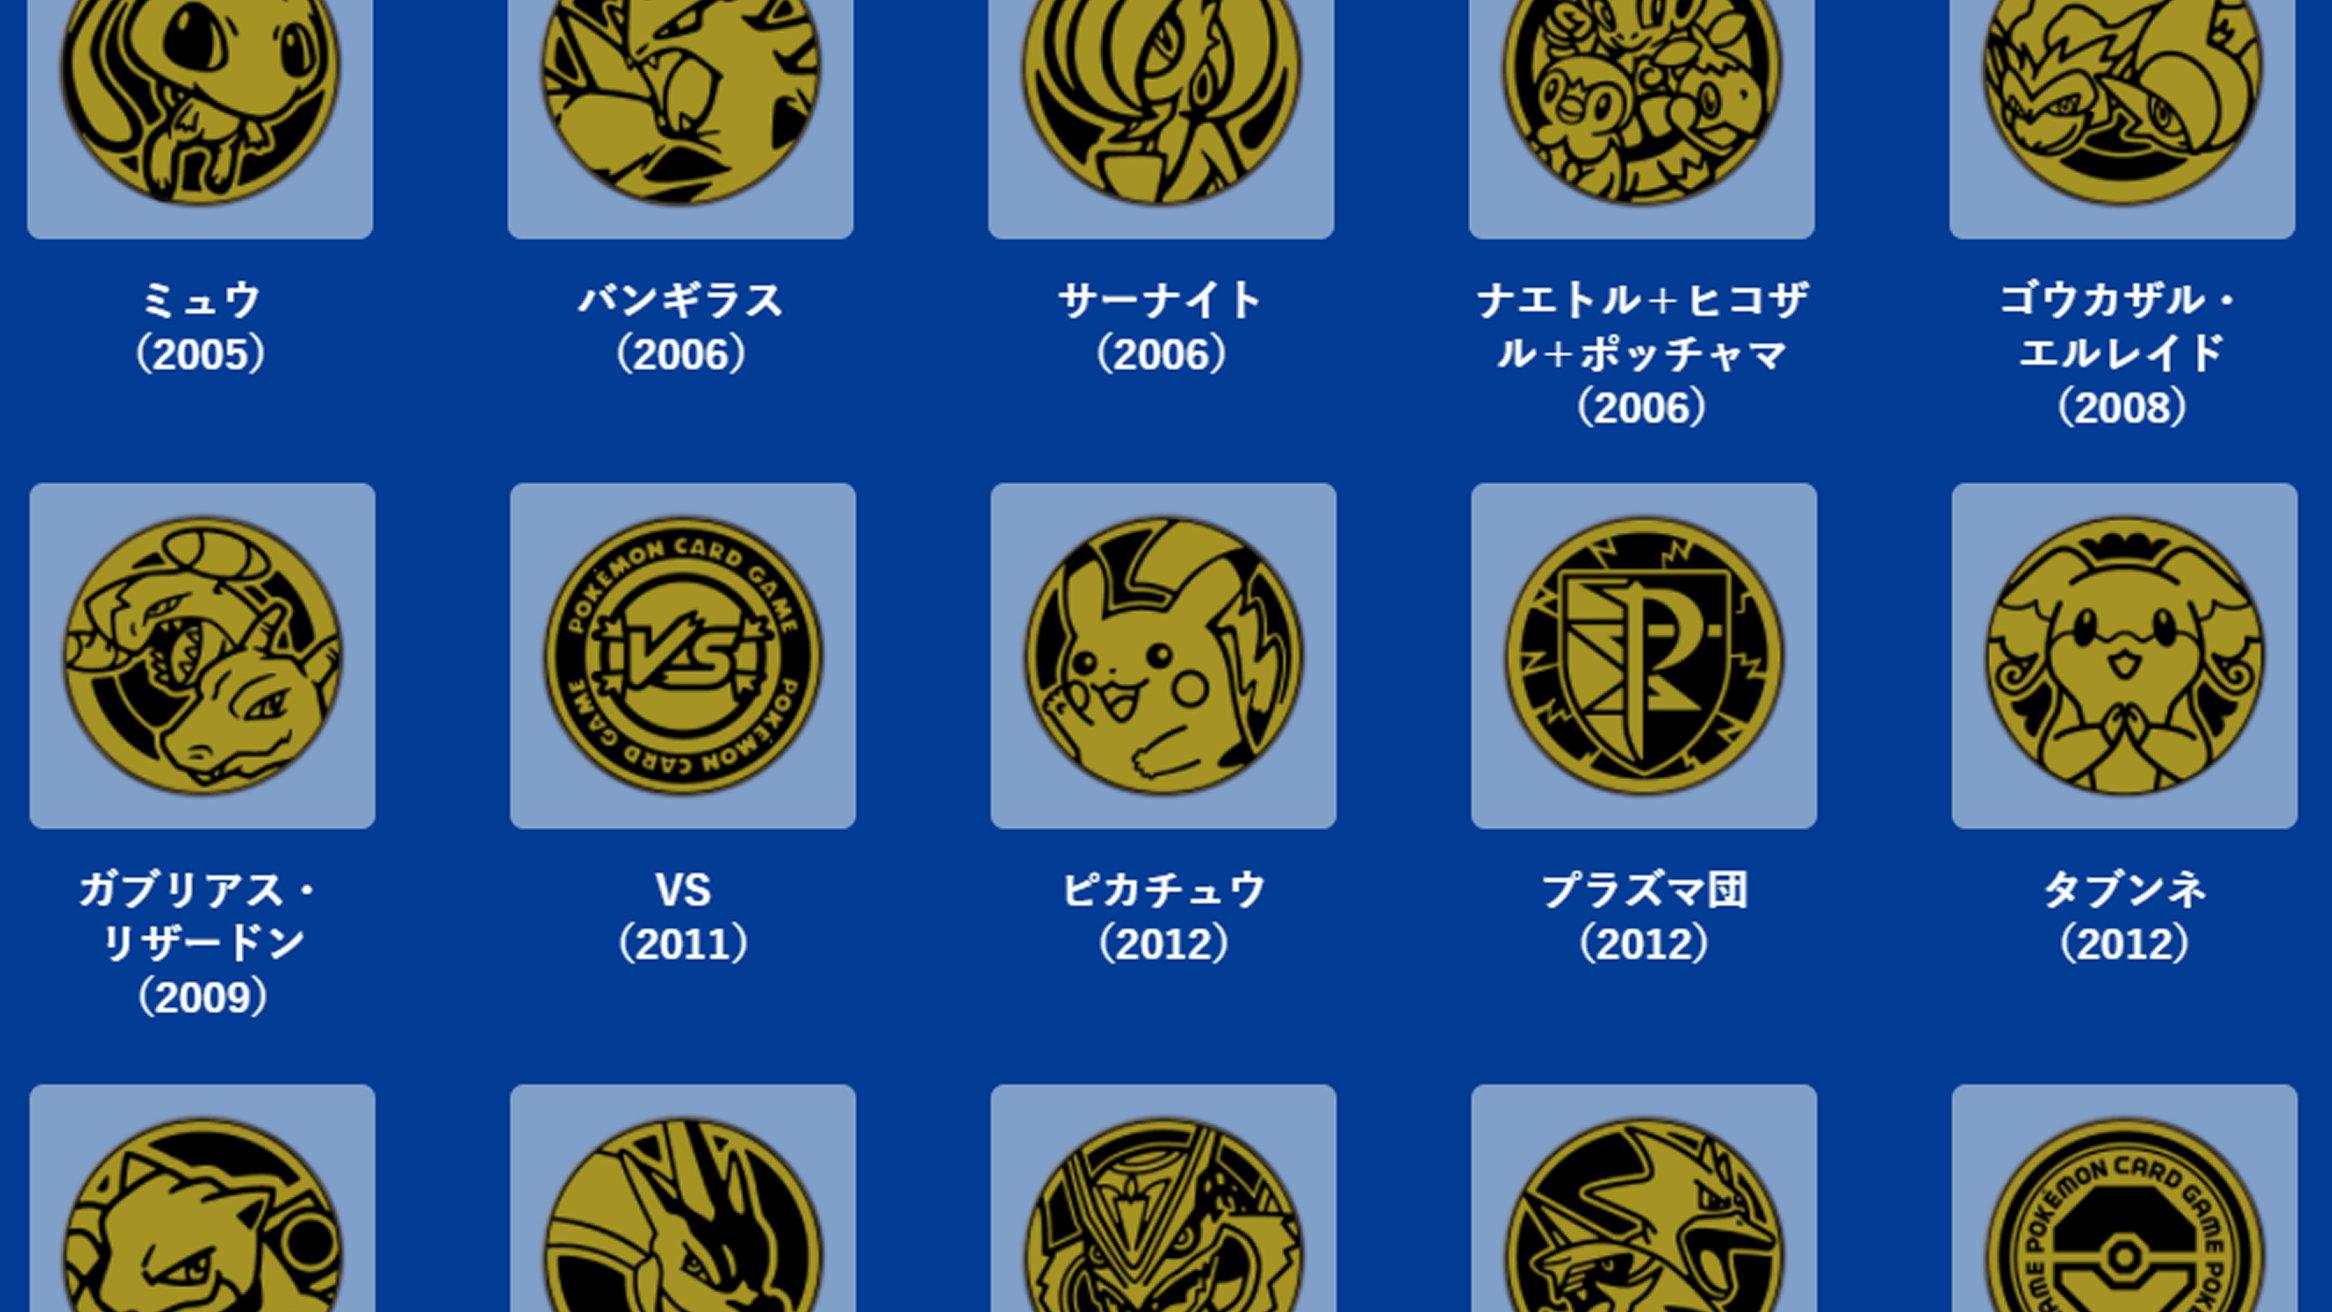 ポケモンカードゲーム、コイン大選挙25。投票で上位のポケモンコイン